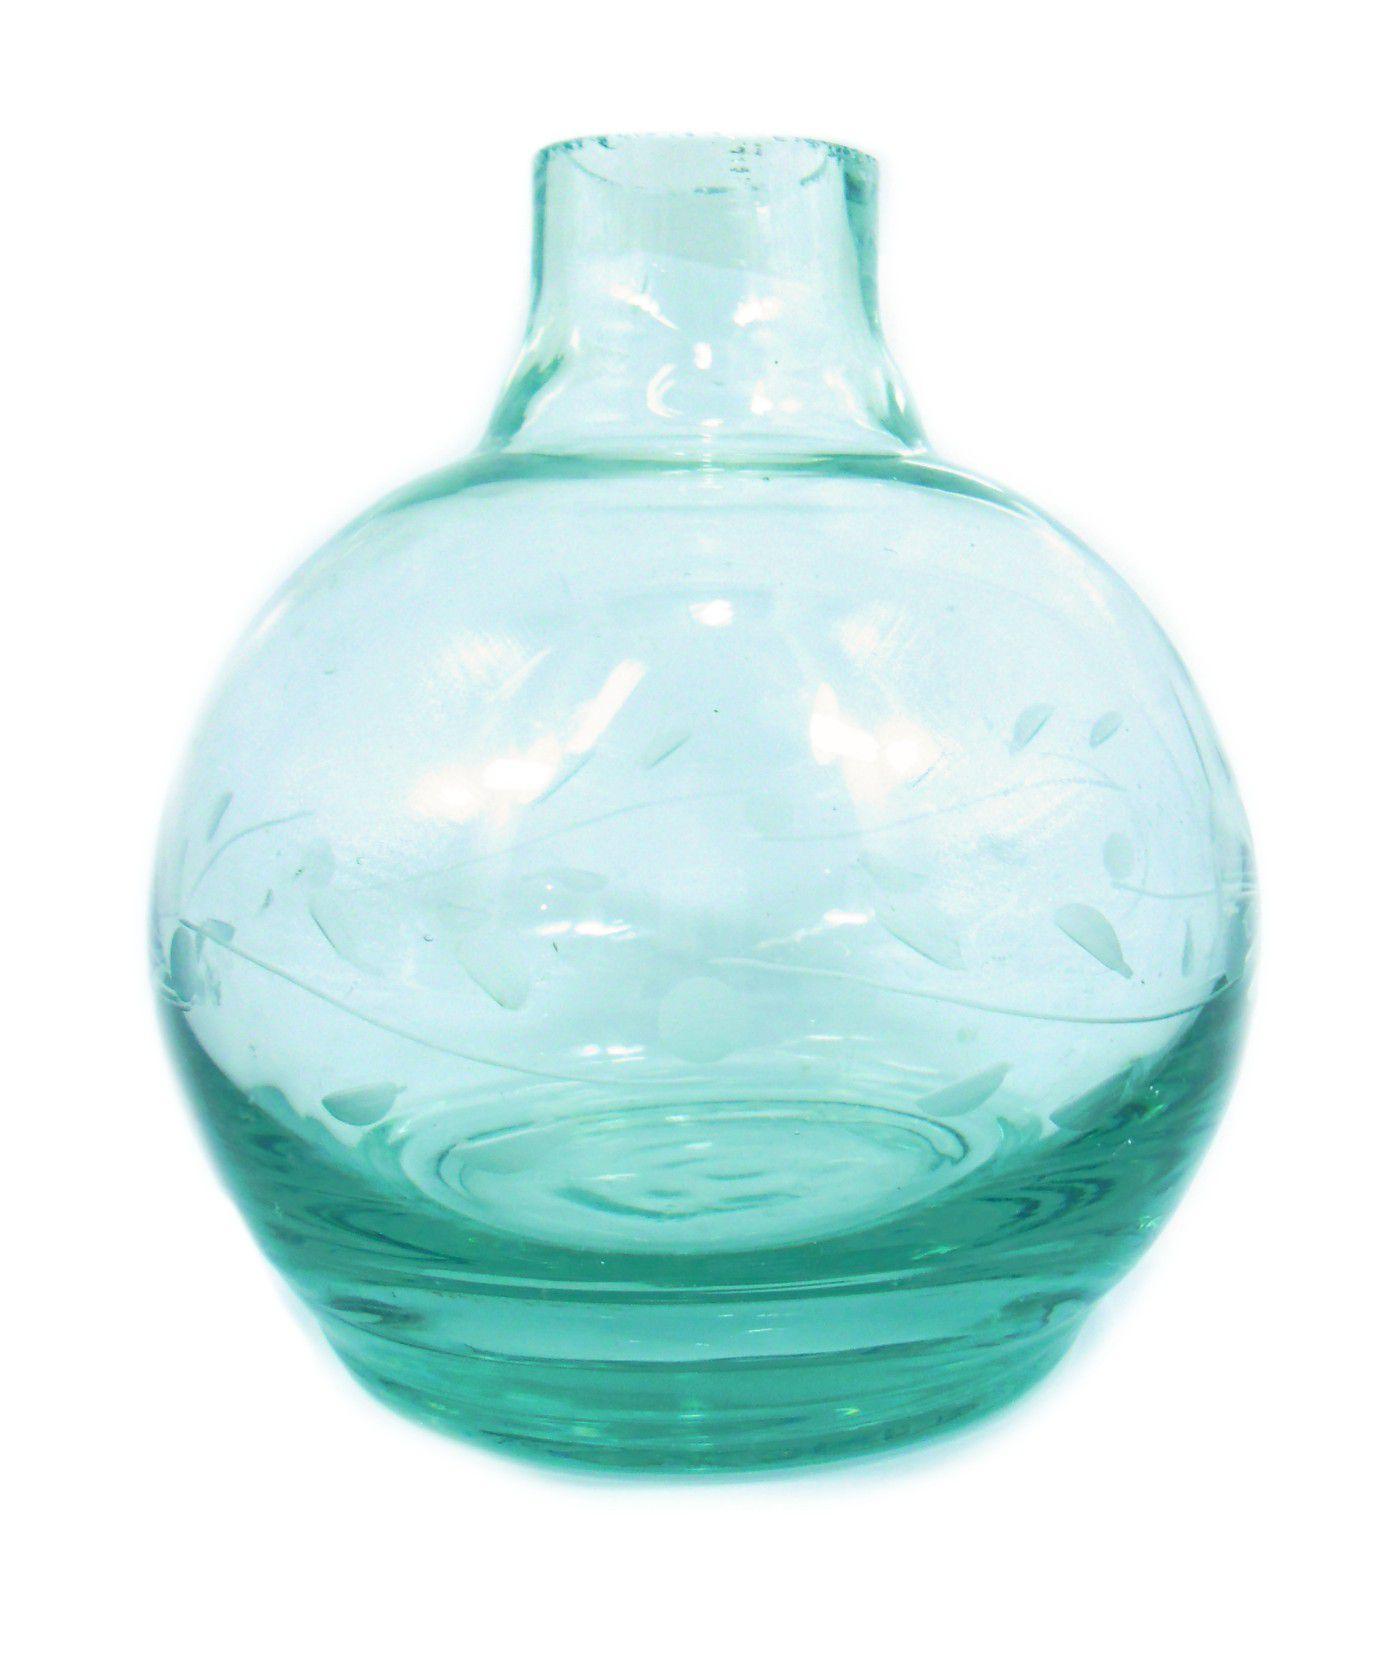 Vaso/base para narguile BALL macho 13cm, artesanal egípcio, transparente e lapidado. Bocal 3,7cm diâm. V18